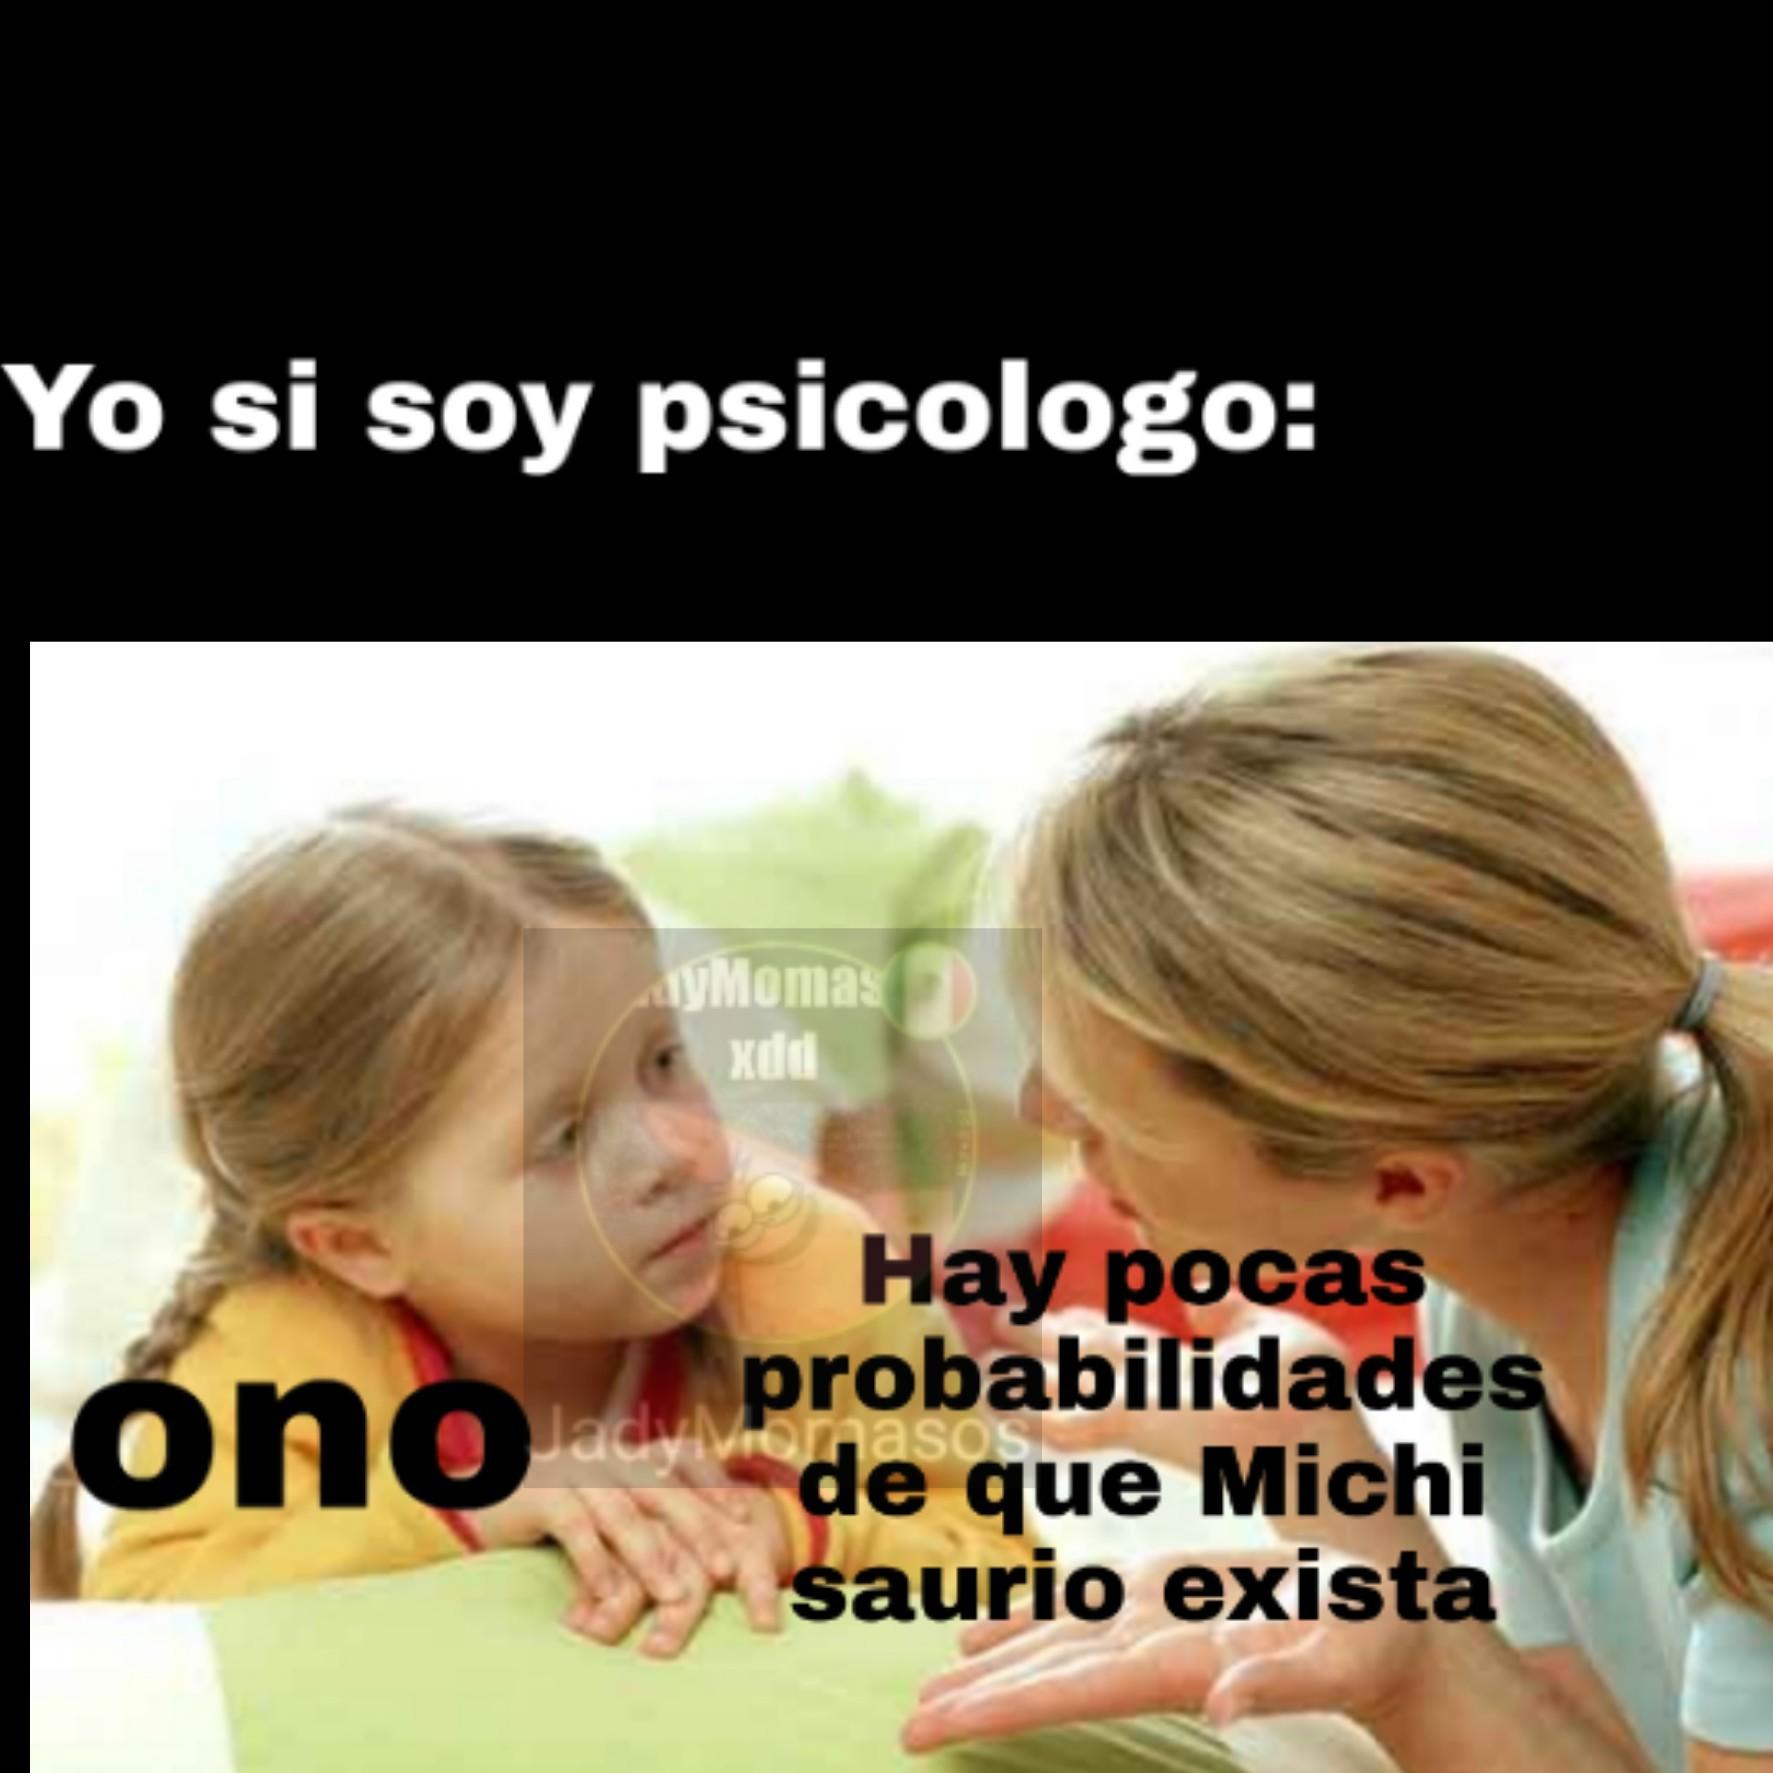 Psicologo... - meme